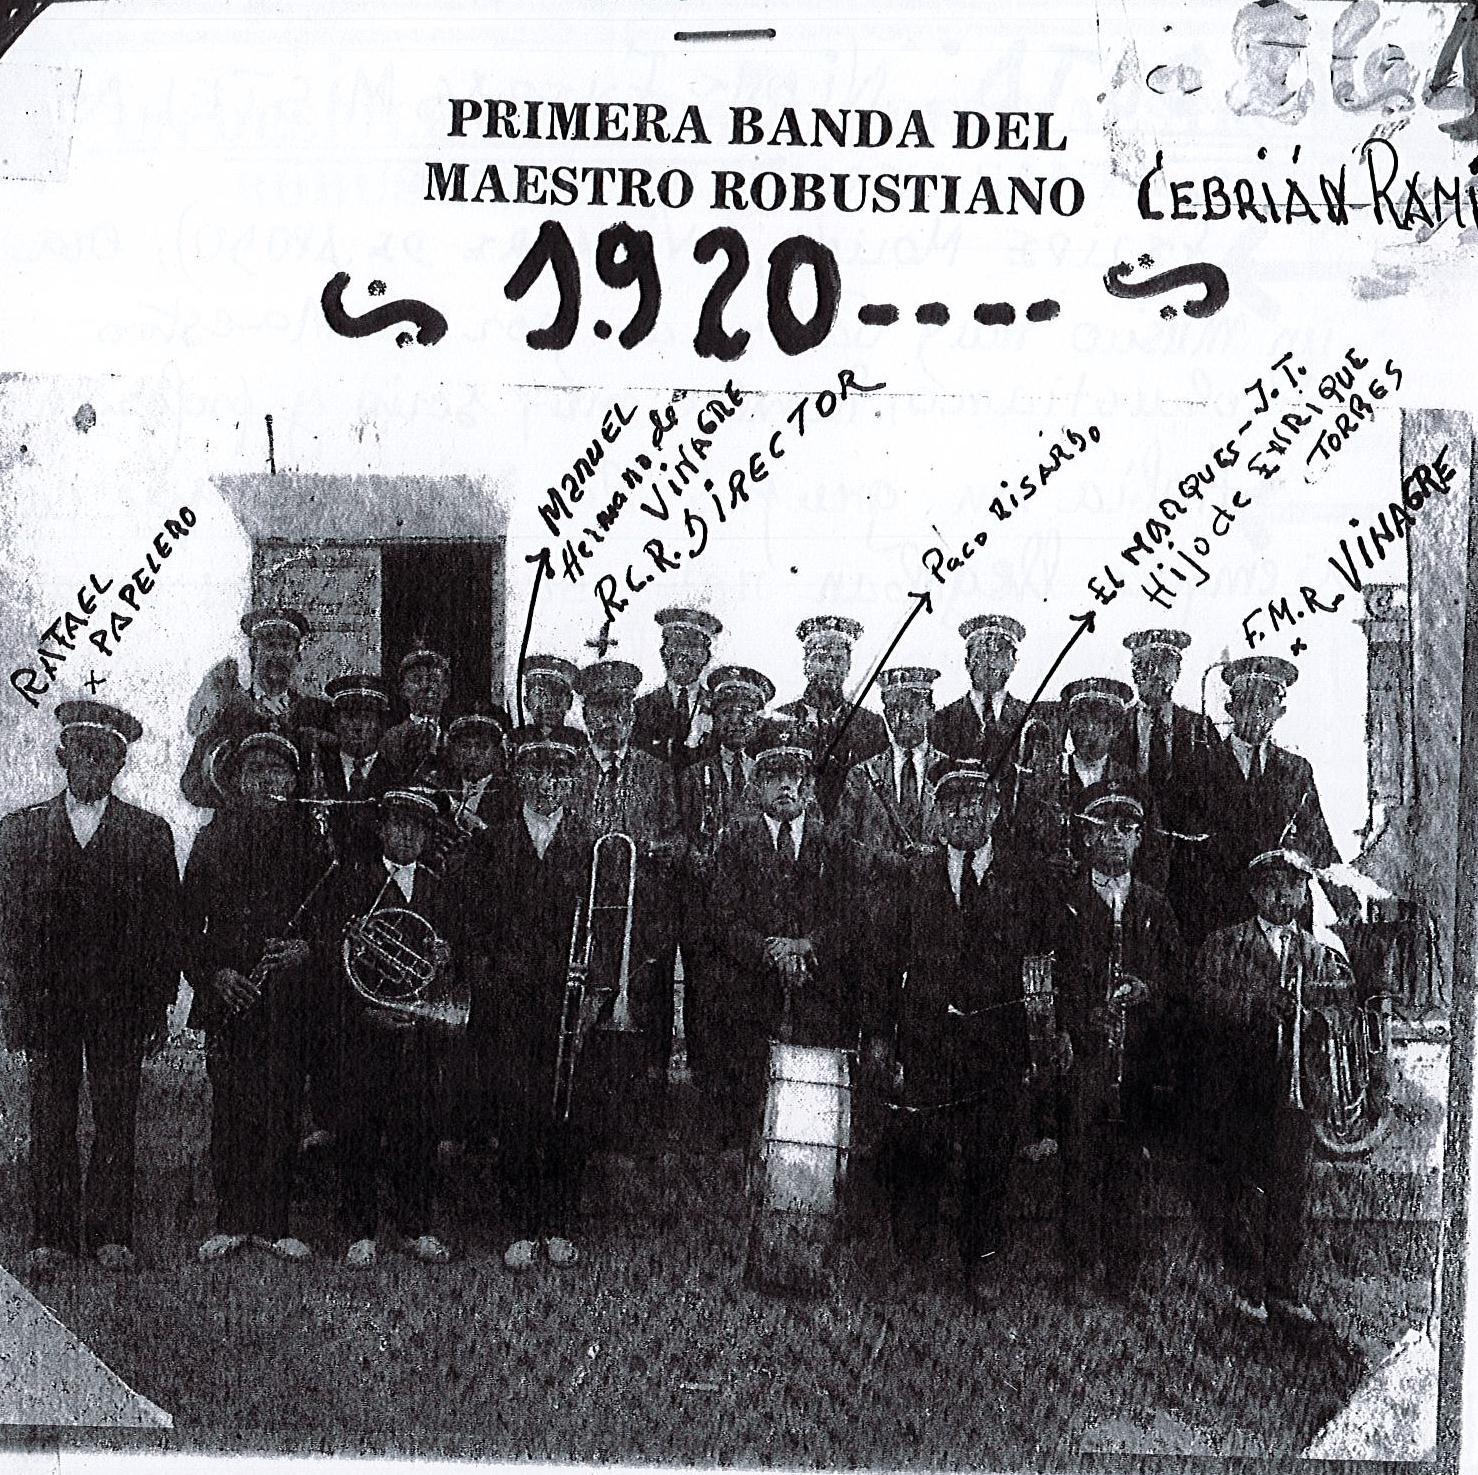 150 AÑOS DE LA BANDA MUNICIPAL DE MÚSICA DE ONTUR (1868-2018) (I)